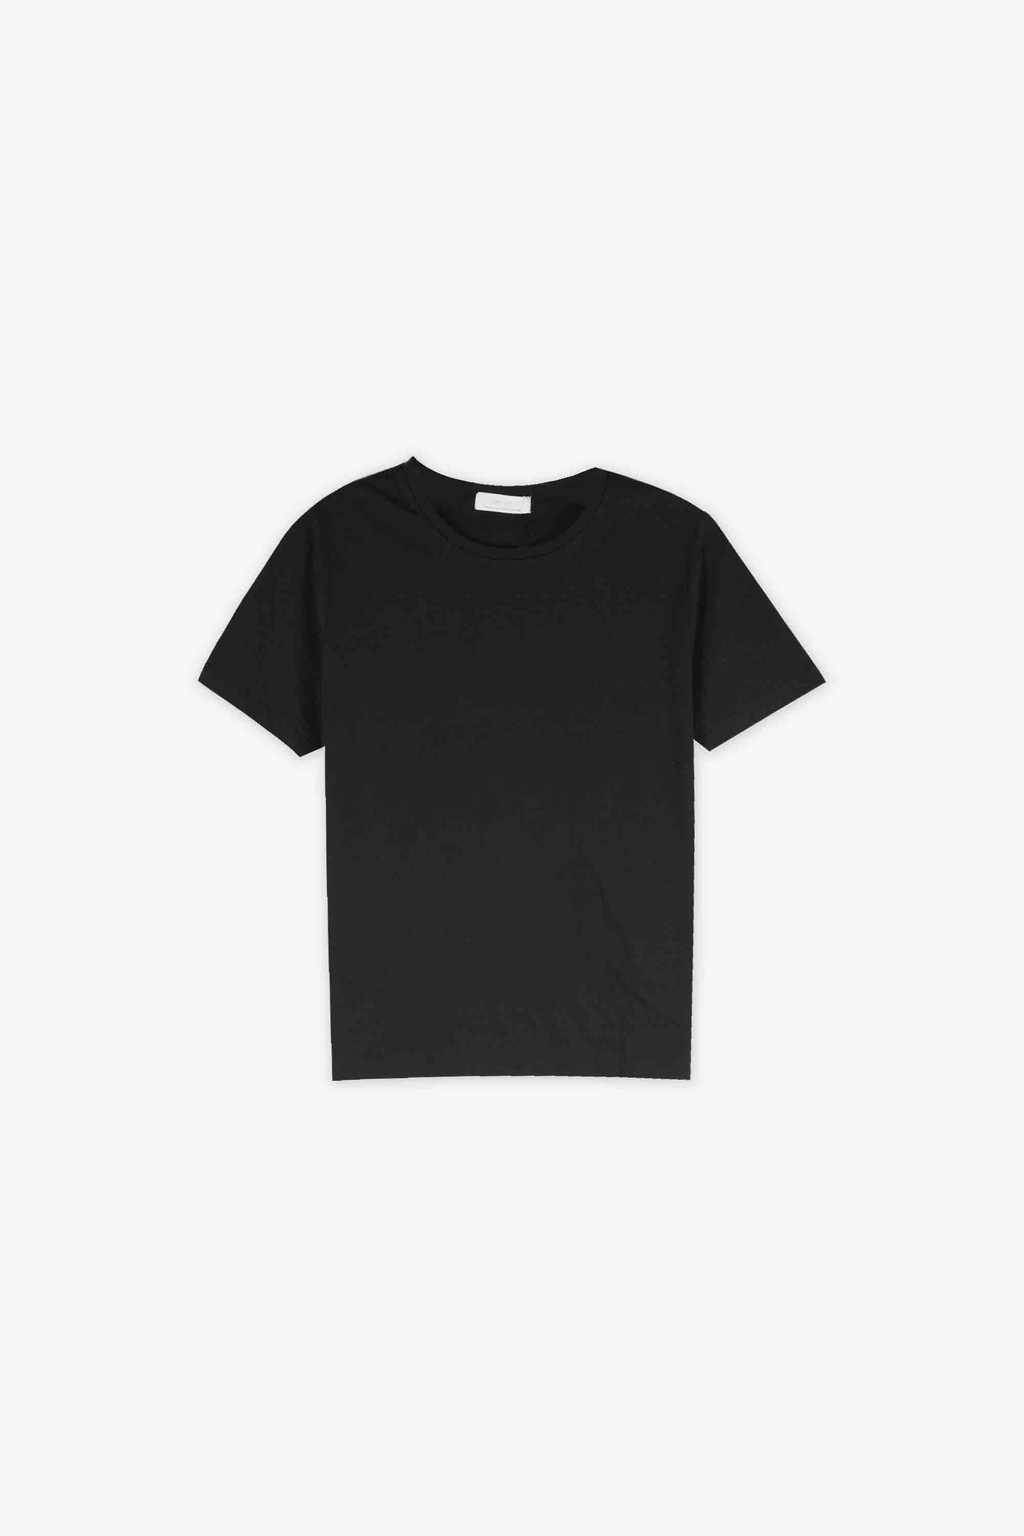 TShirt 1286 Black 5